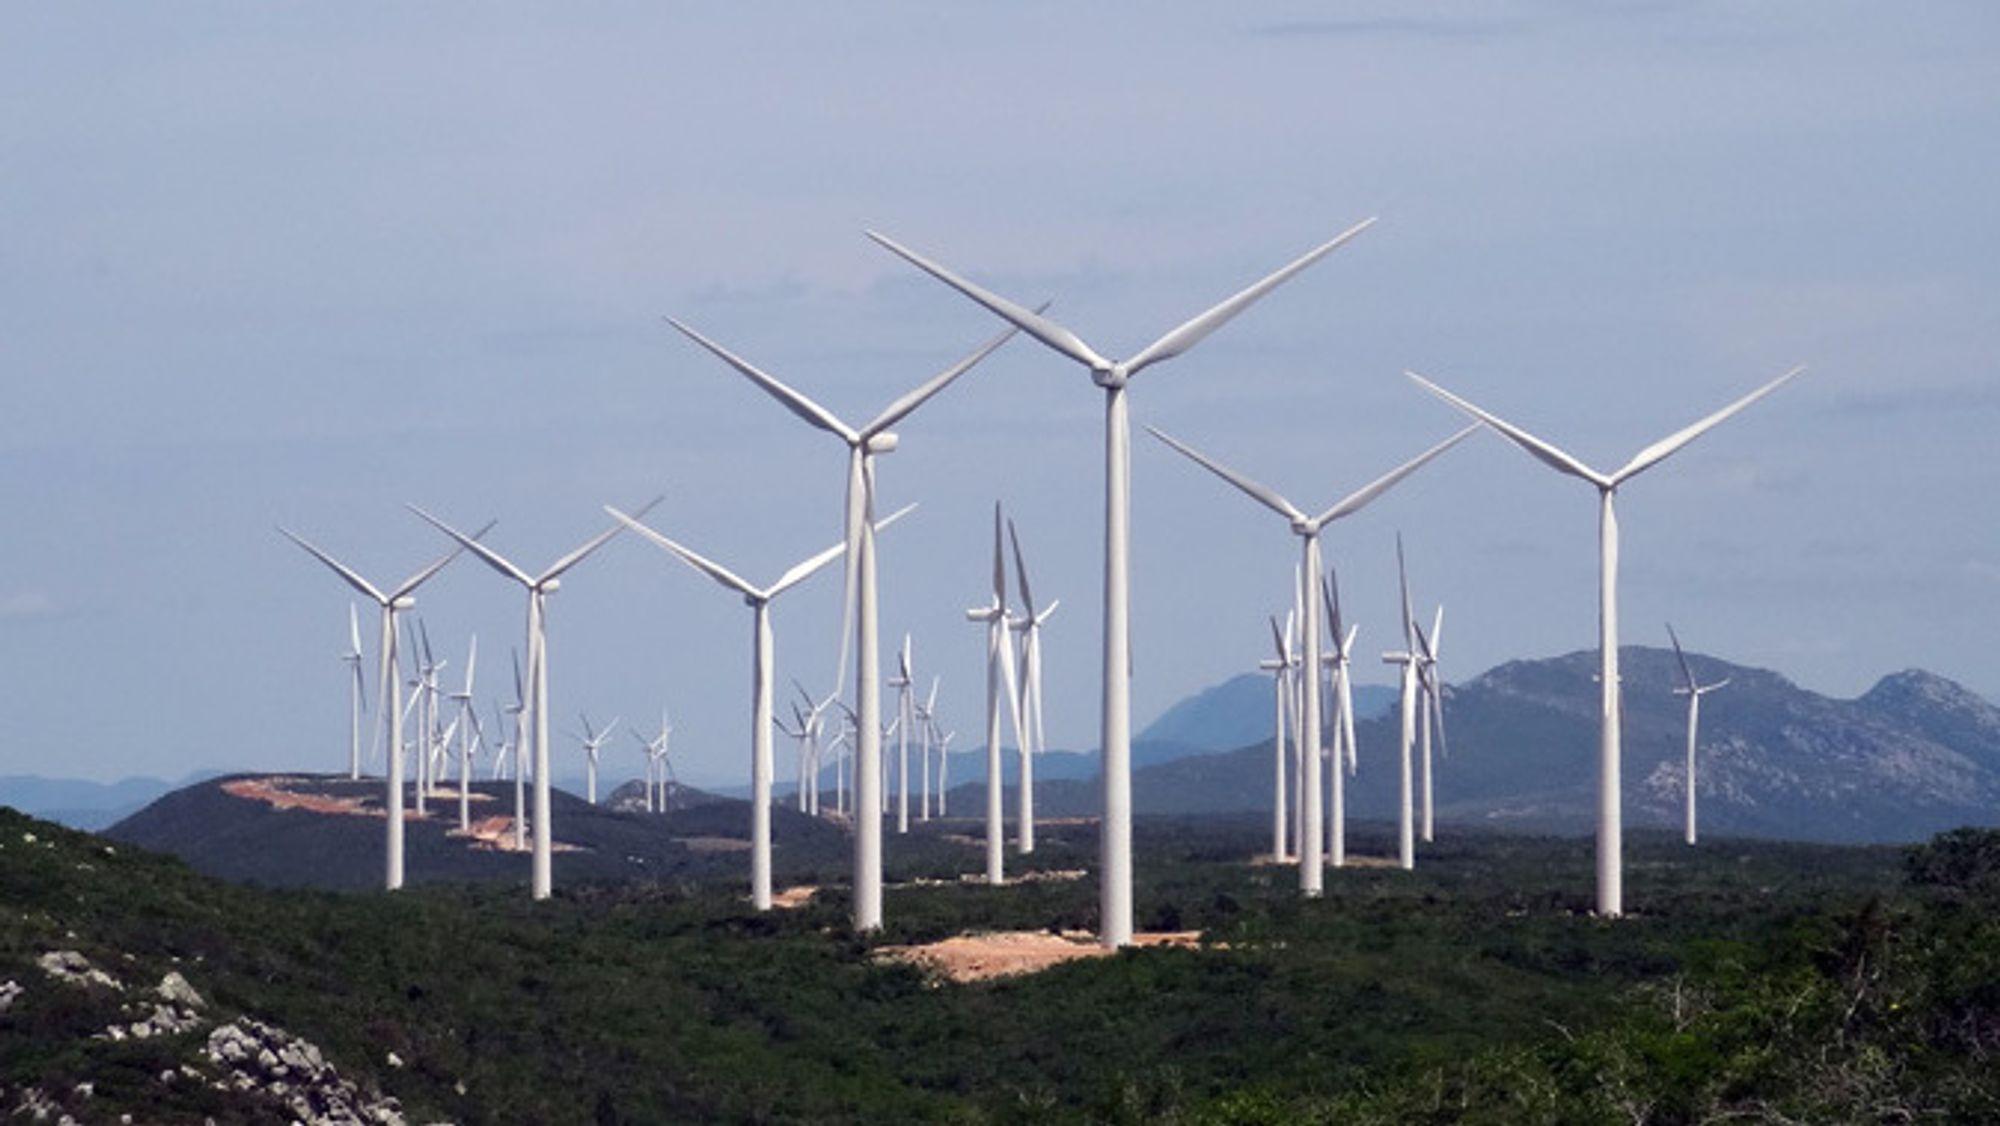 Parque Eólico da Bahia eies  av Statkraft Energias Renováveis, som Statkraft eier 81,3 prosent av. I dag har Bahia 57 vindturbiner på 1,67 MW, men den skal øke kraftig.